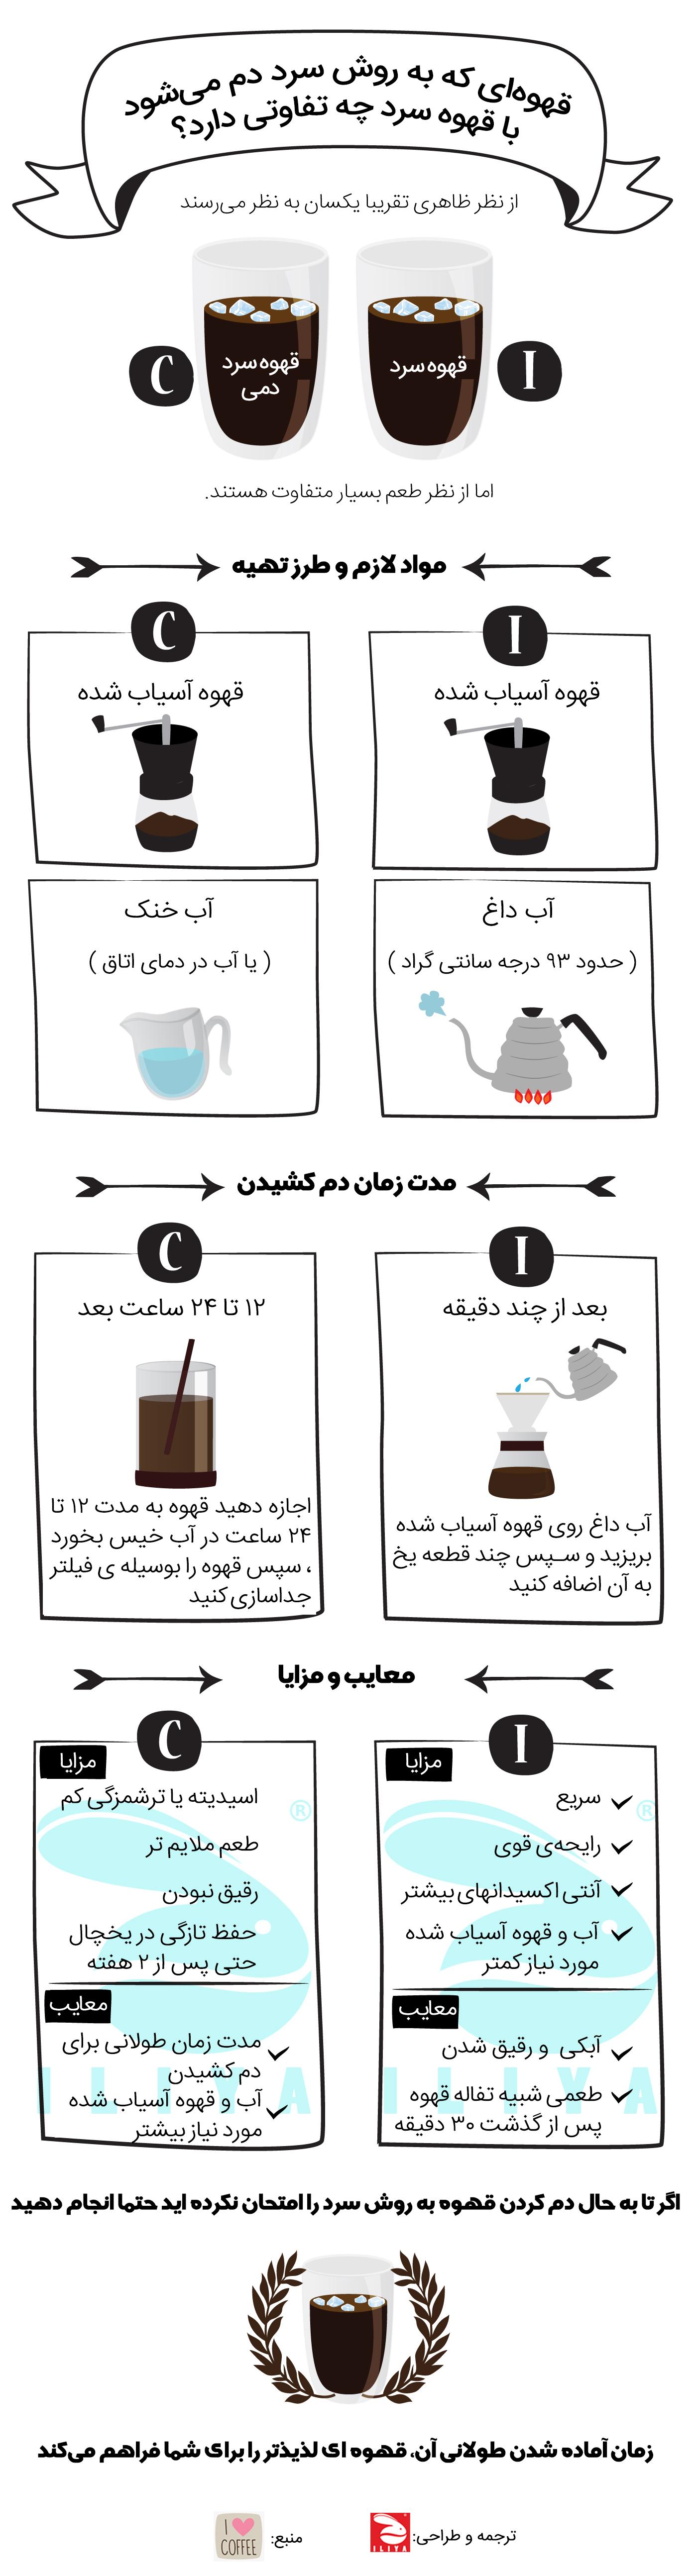 قهوه سرد قهوه دم سرد